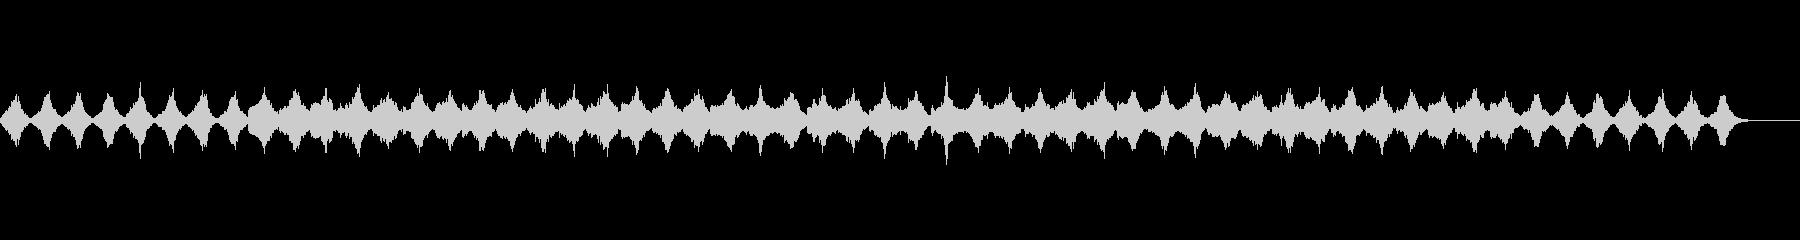 シンセによる少し暗めな優雅な曲の未再生の波形